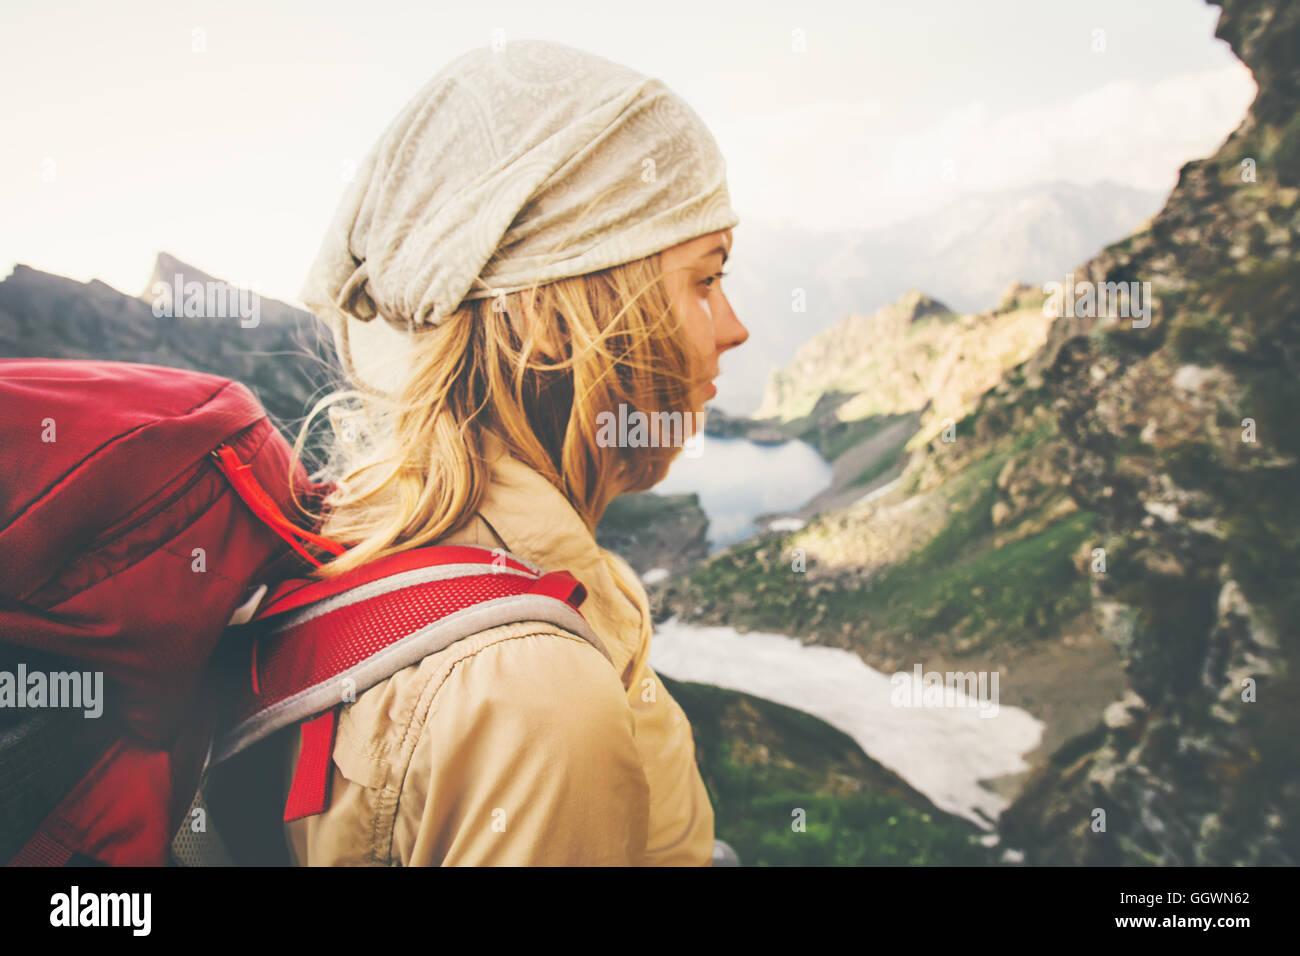 Giovane donna con zaino rosso escursionismo da soli il viaggio il concetto di stile di vita del lago e delle montagne Immagini Stock